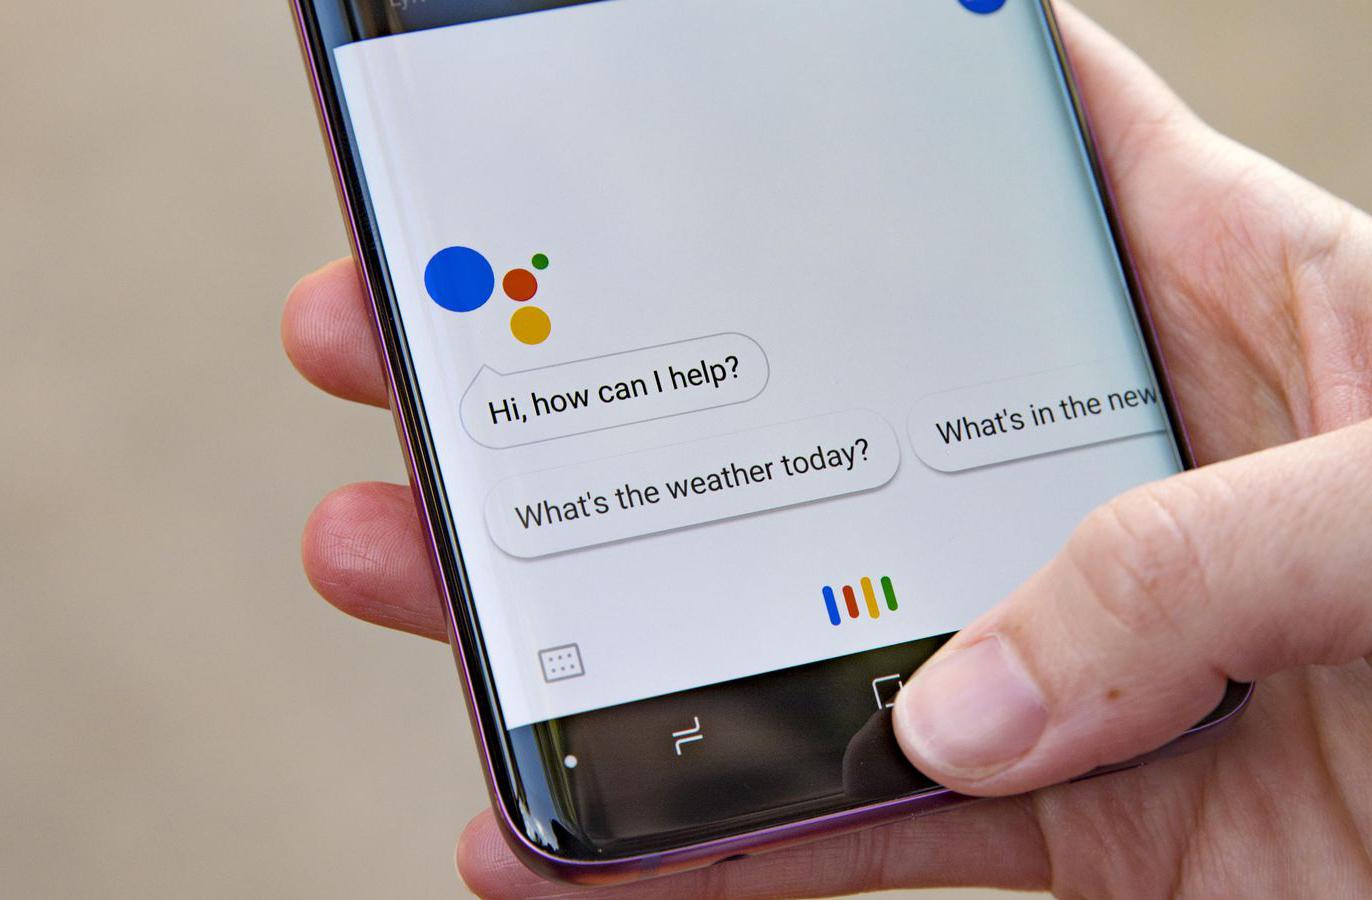 دردسرهای بیخوابی مزمن دستیار صوتی گوگل